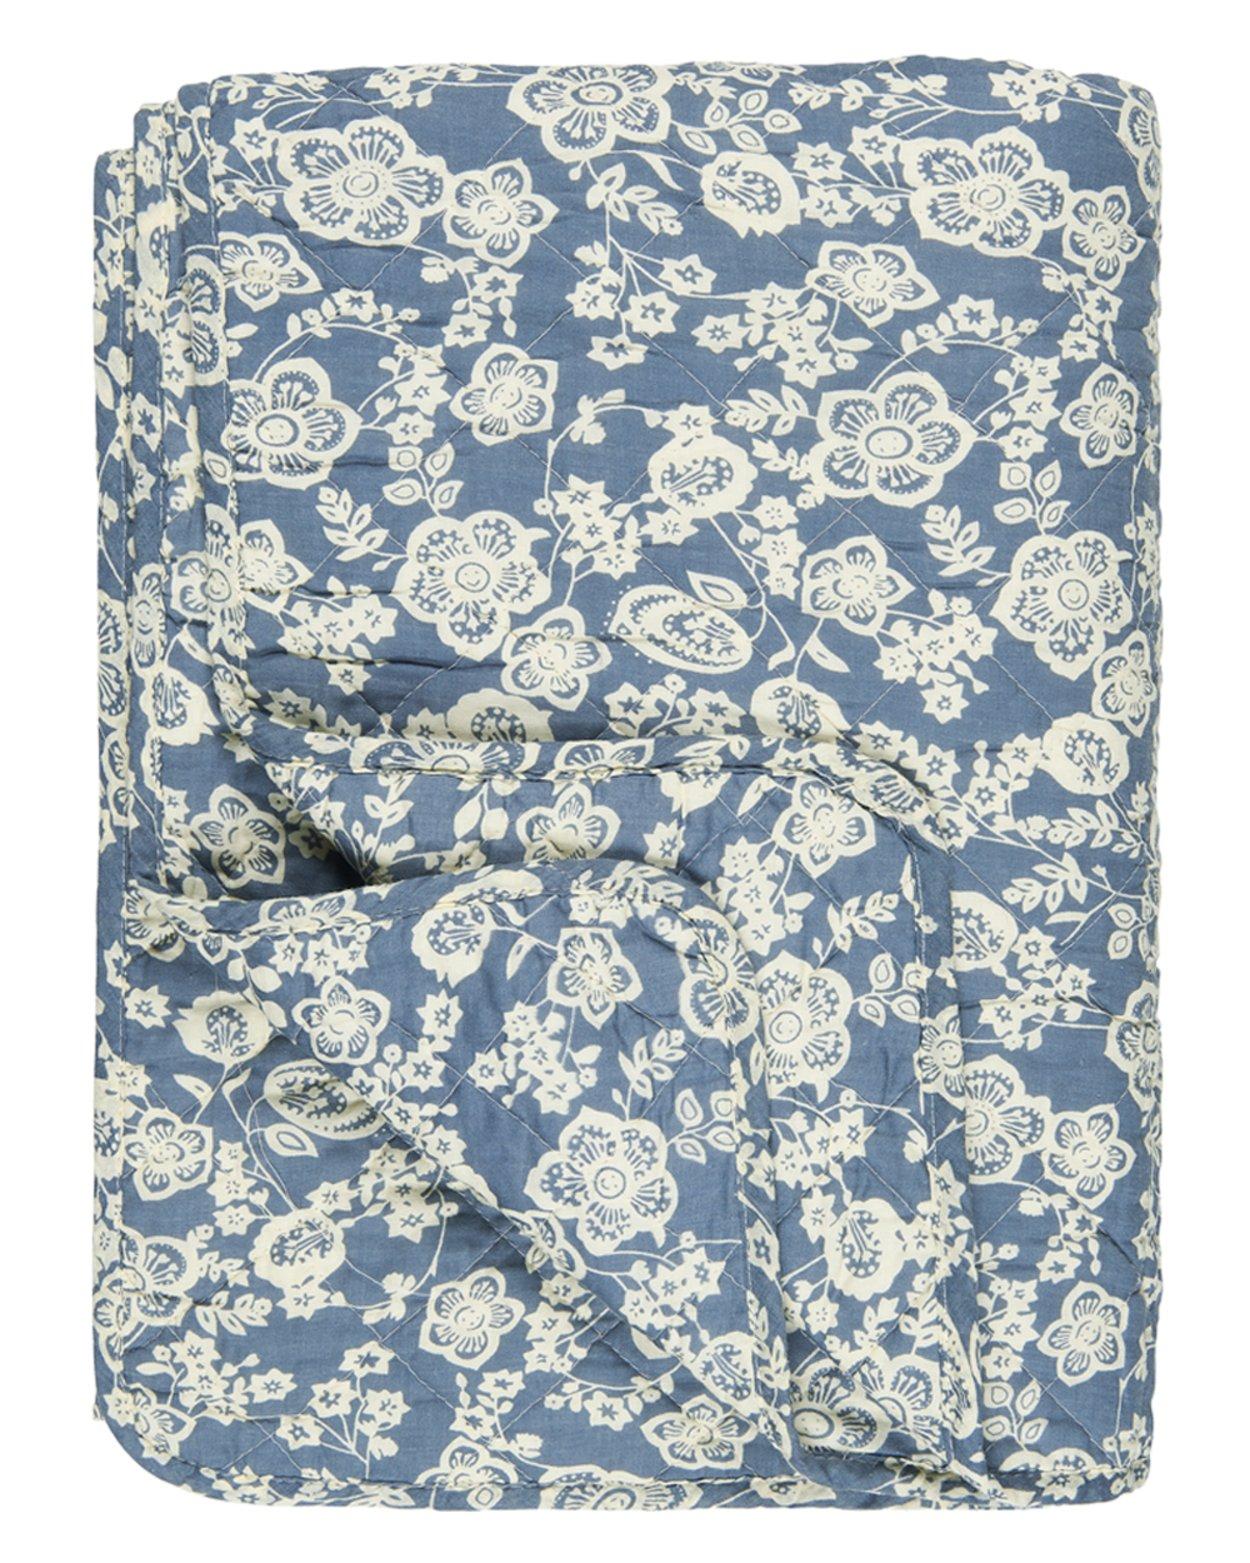 Blue Floral Cotton Quilt